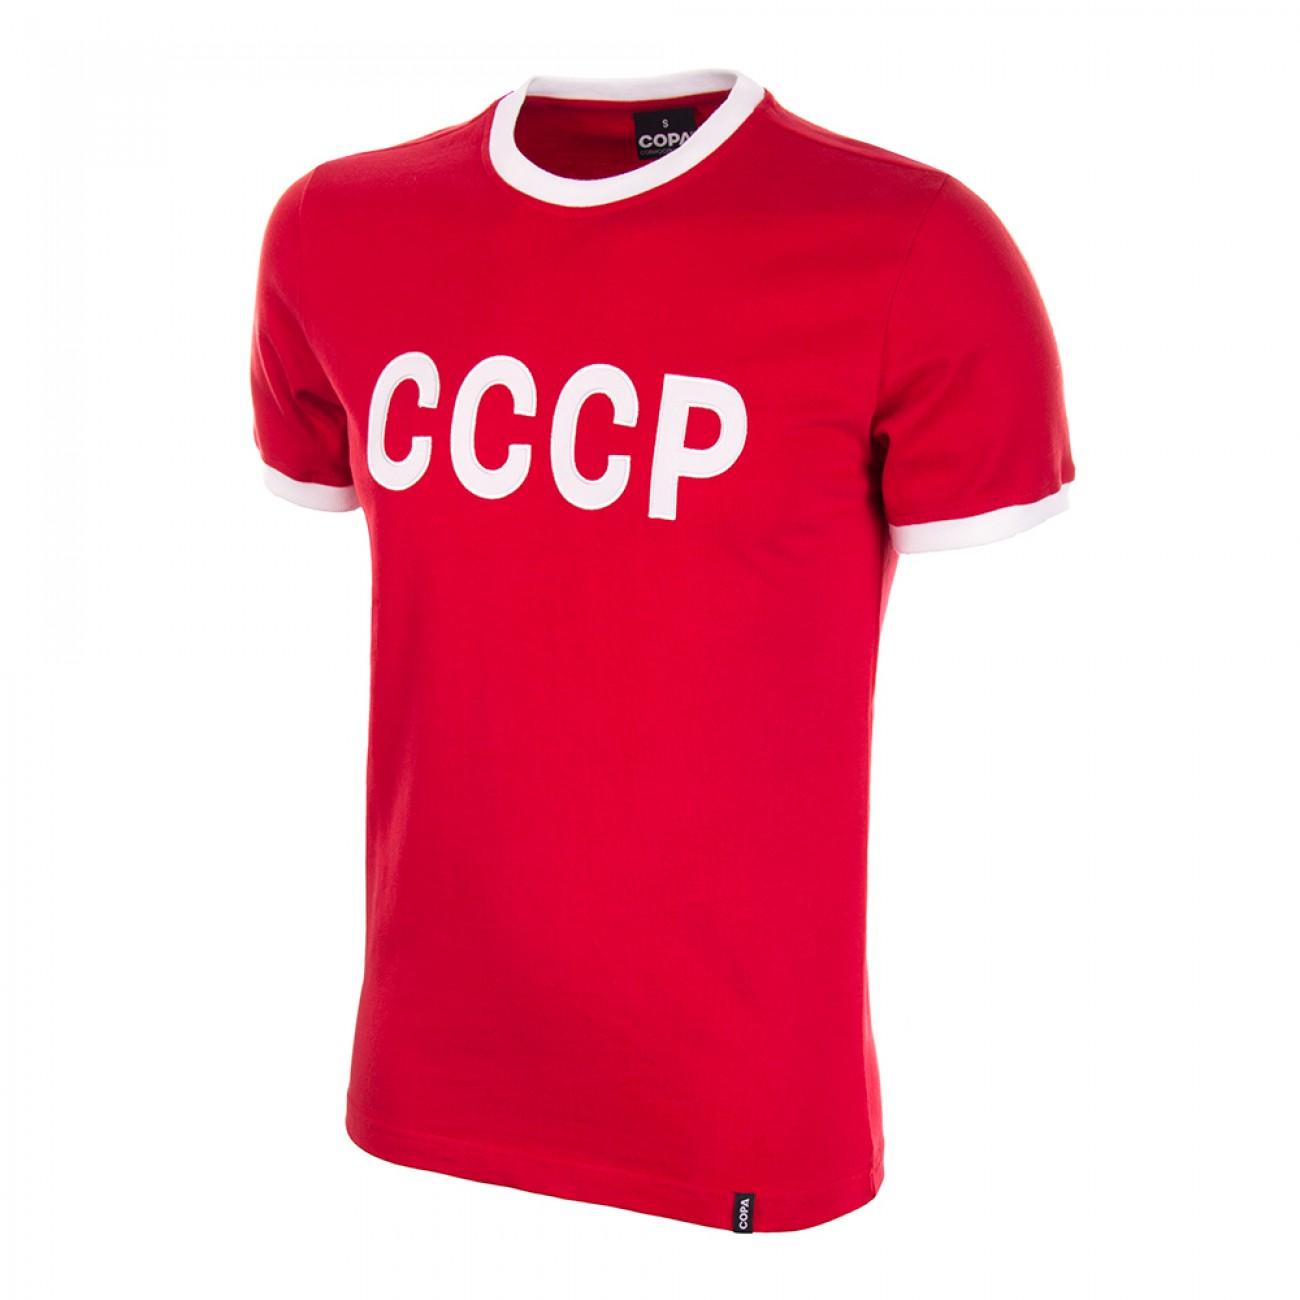 http://www.retrofootball.es/ropa-de-futbol/camiseta-retro-cccp-urss-a-os-70.html